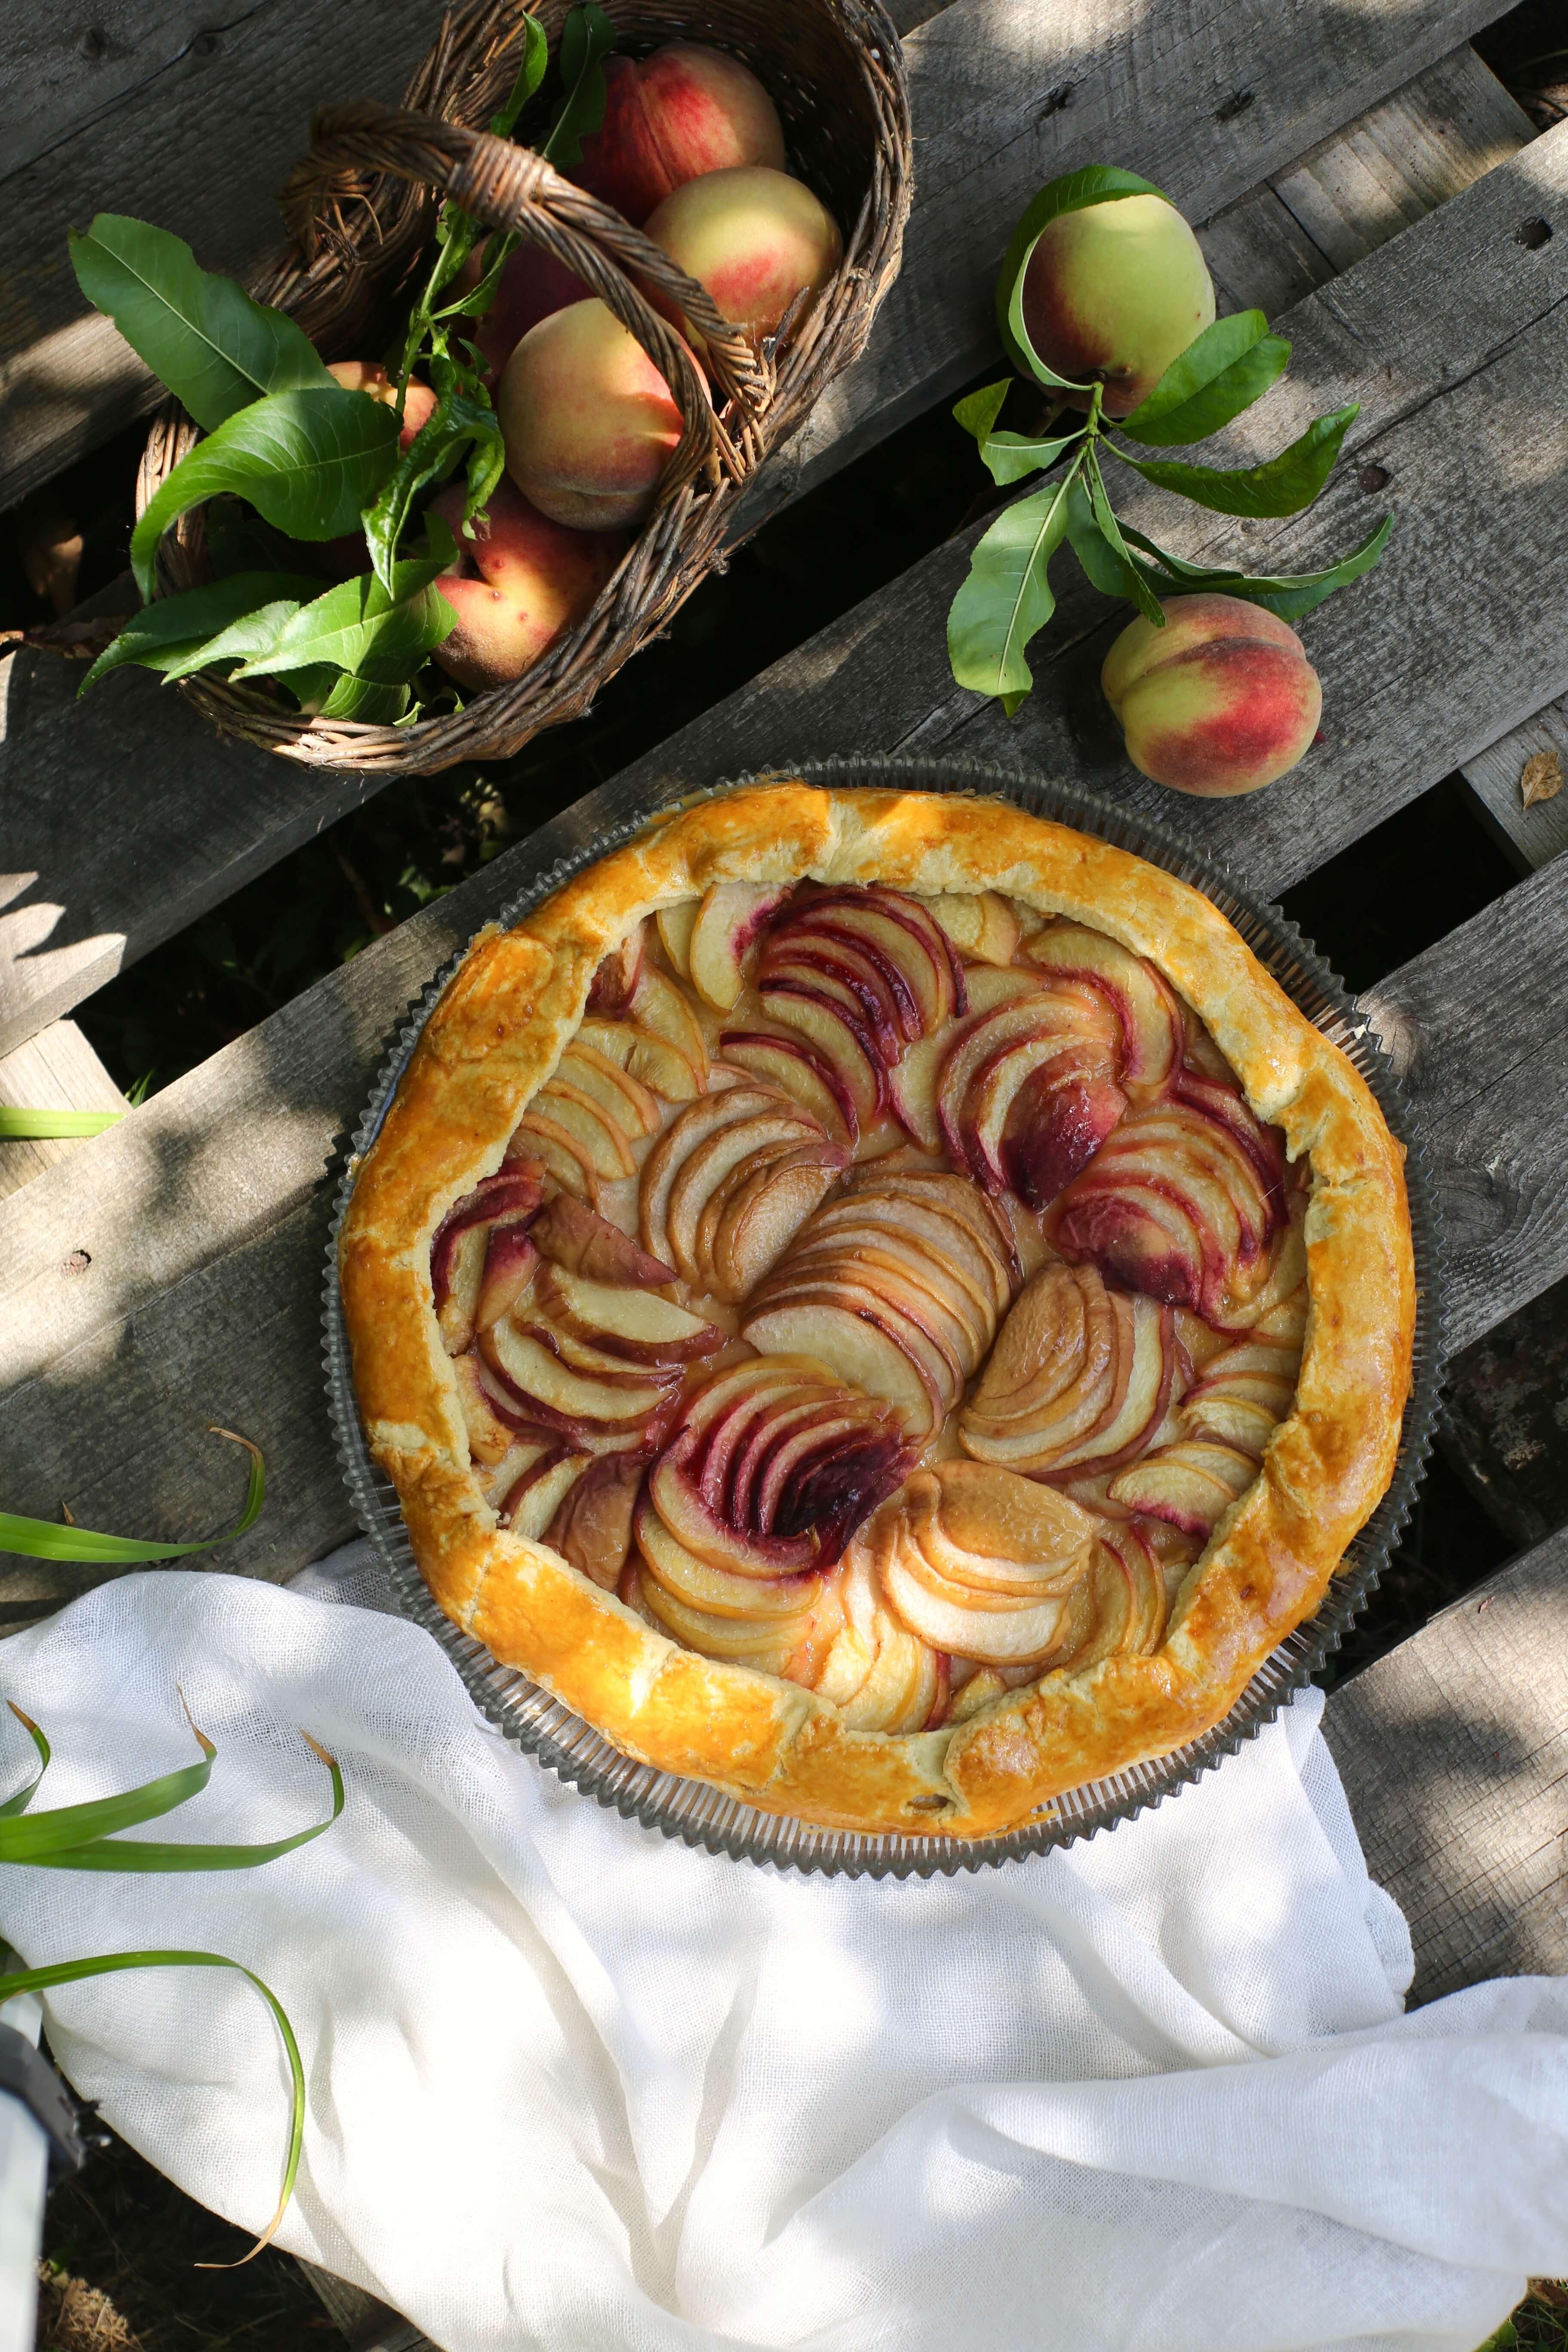 Rezept für eine Pfirsich Galette mit weißen Pfirsichen